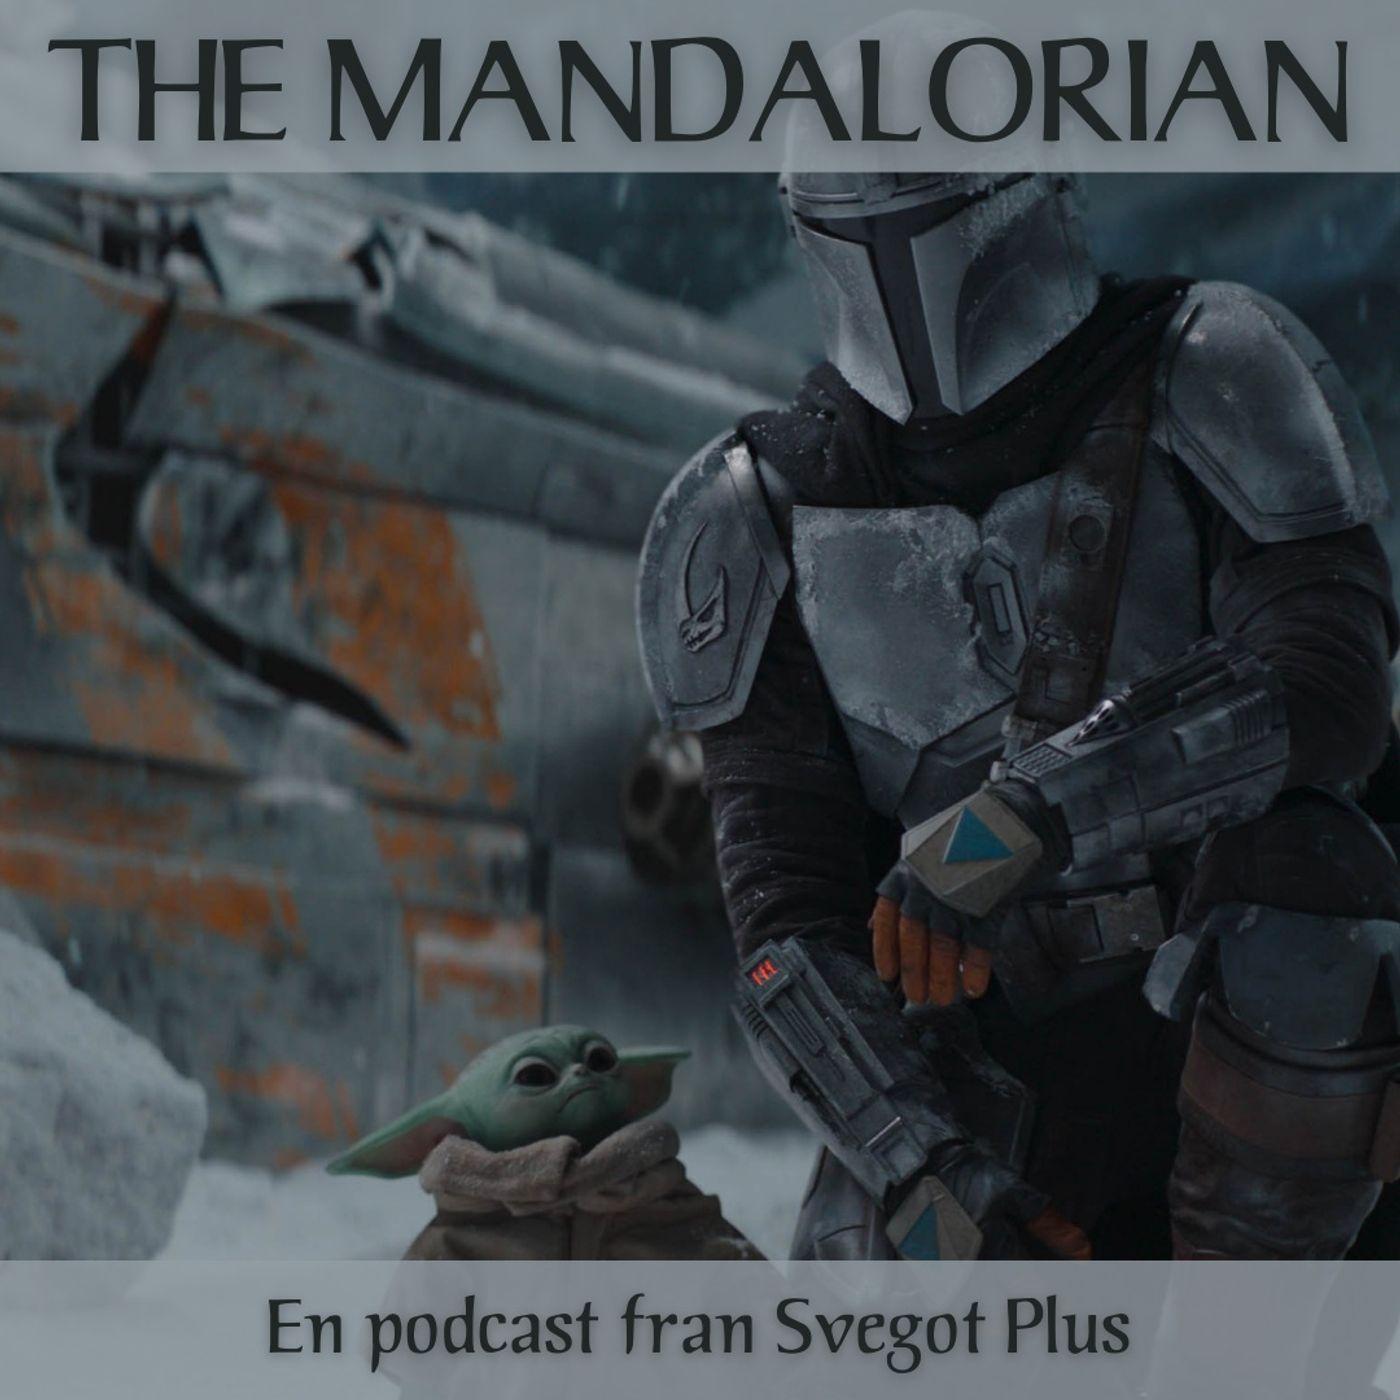 Om The Mandalorian